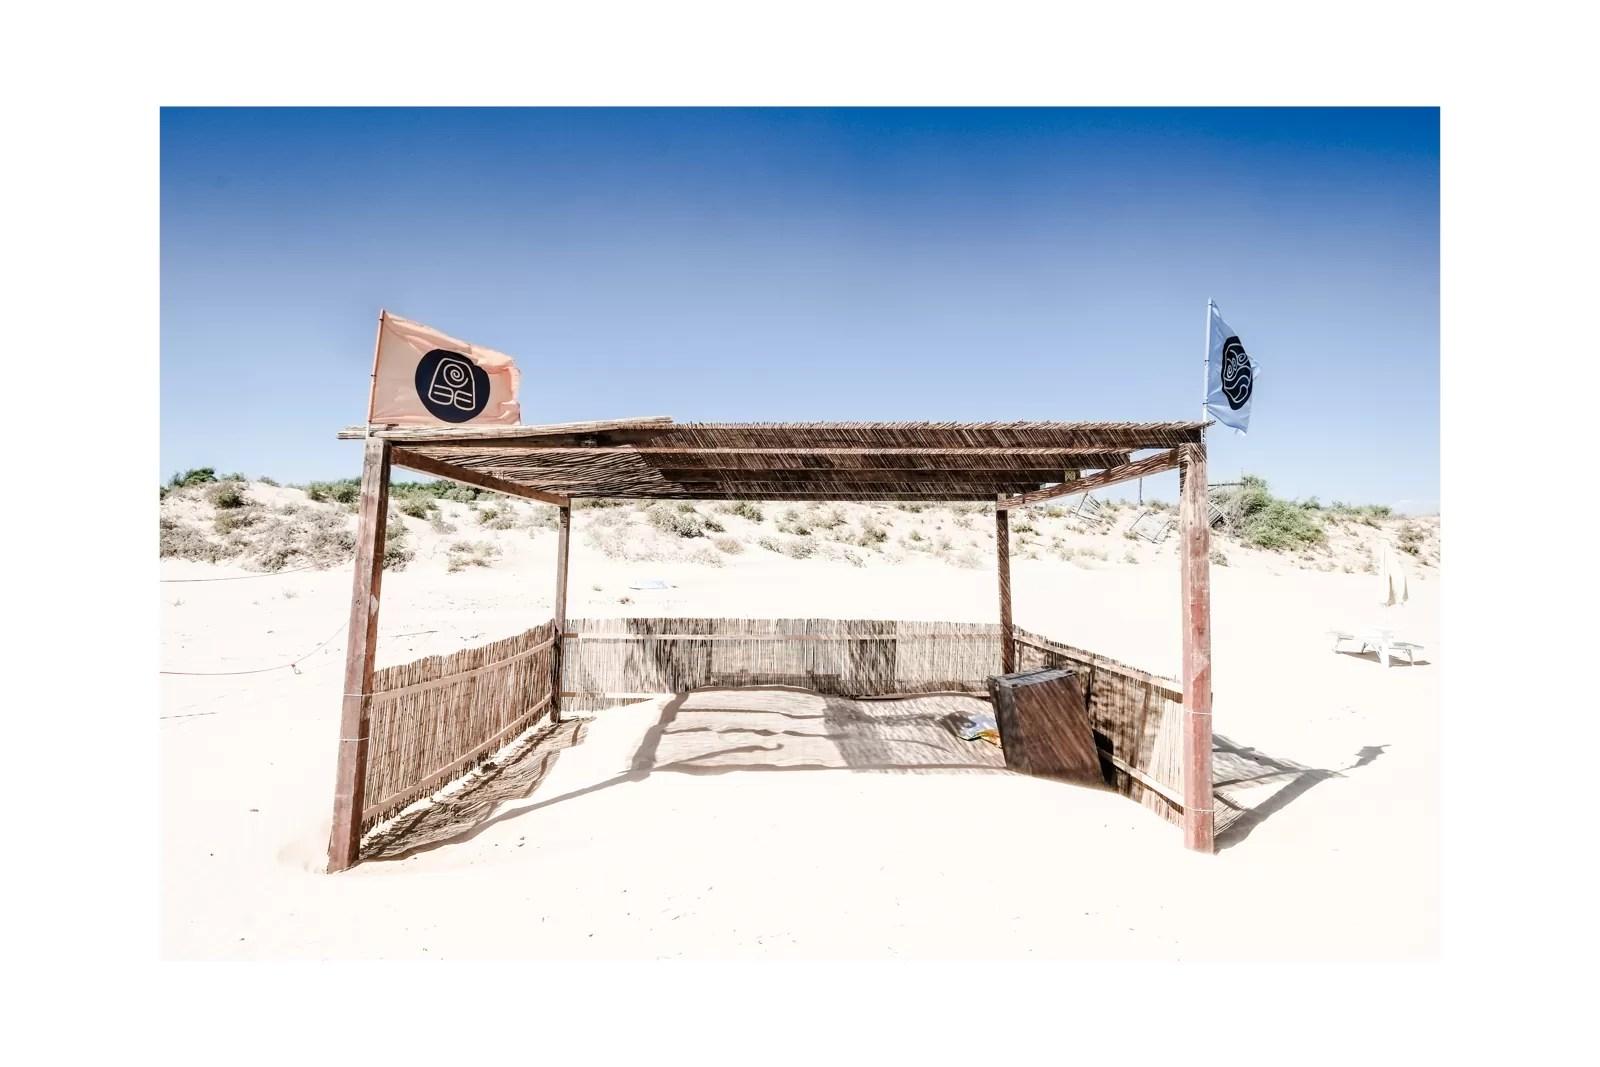 DSCF1264 - Immobili sotto il caldo sole di sicilia - fotostreet.it